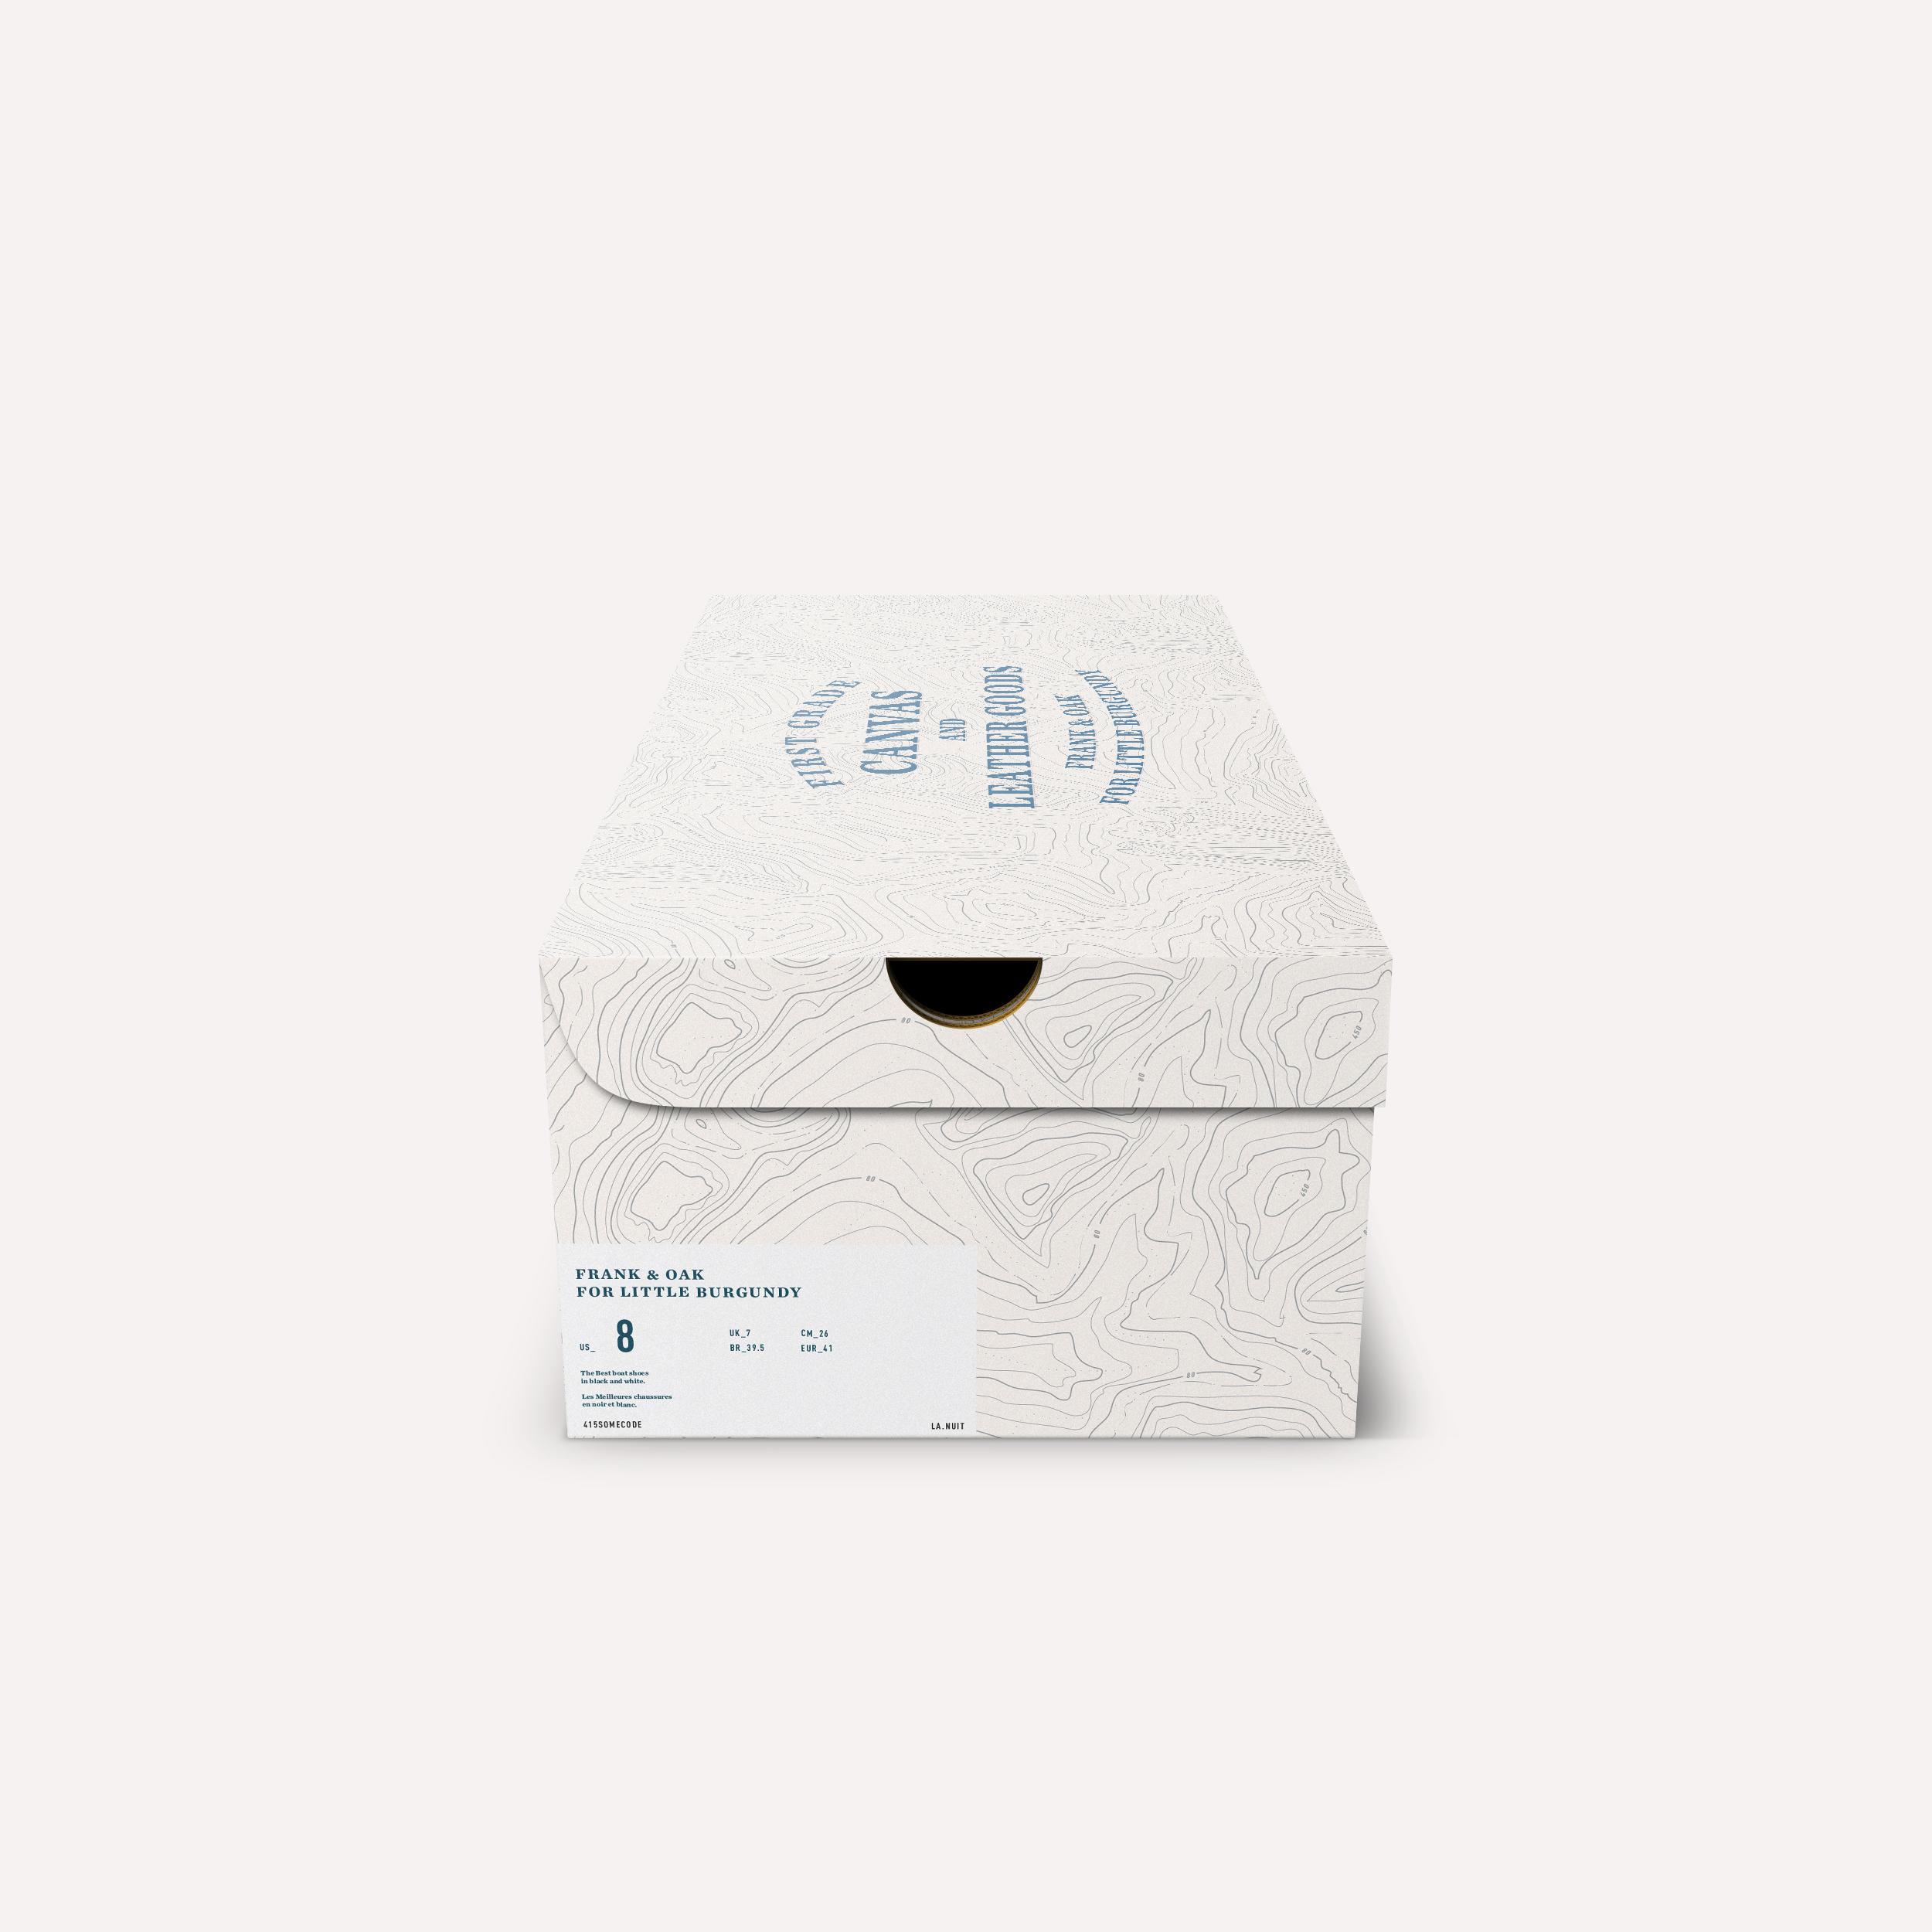 Fnolb box1